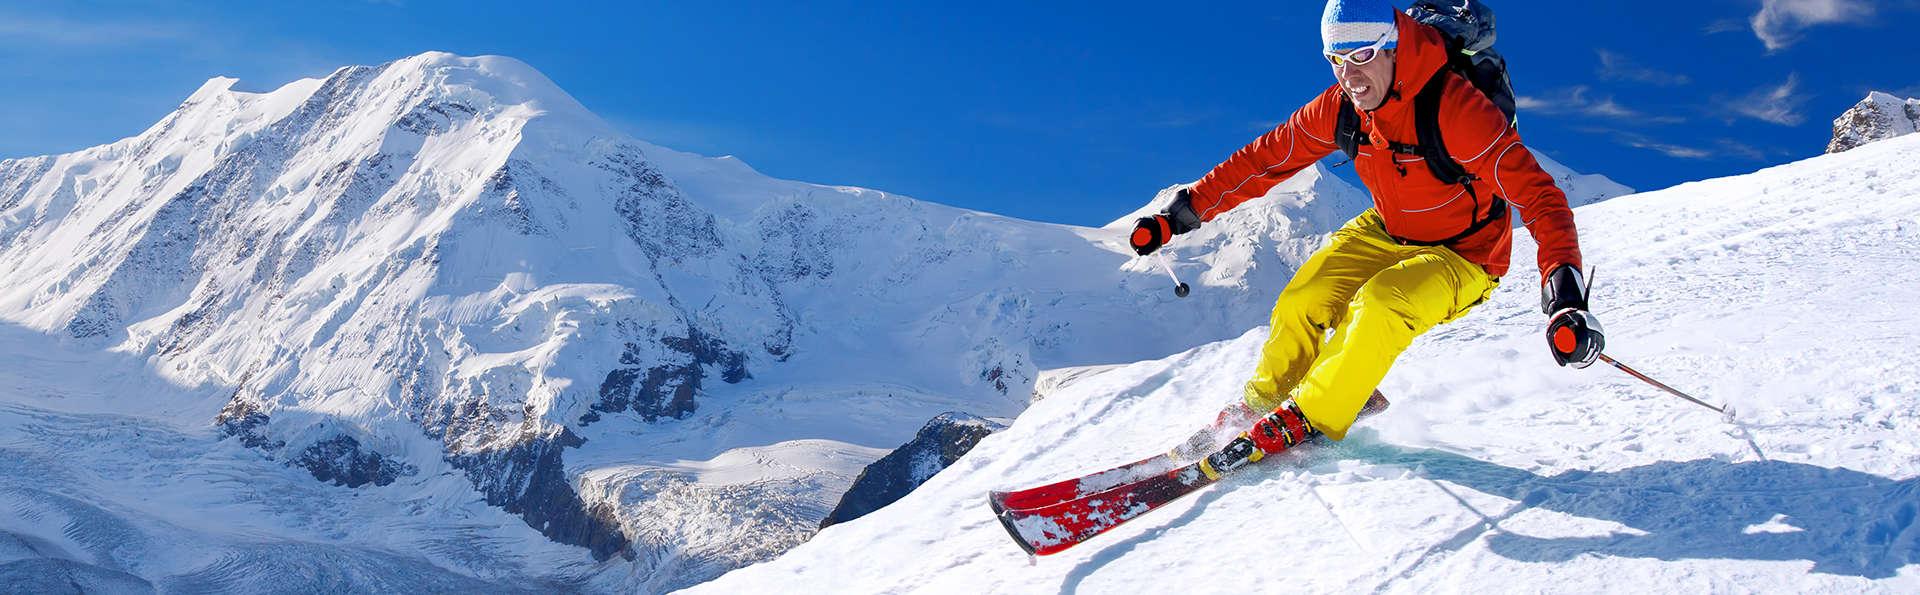 Découvrez Grandvalira et profitez d'un forfait ski (à partir de 2 nuits)